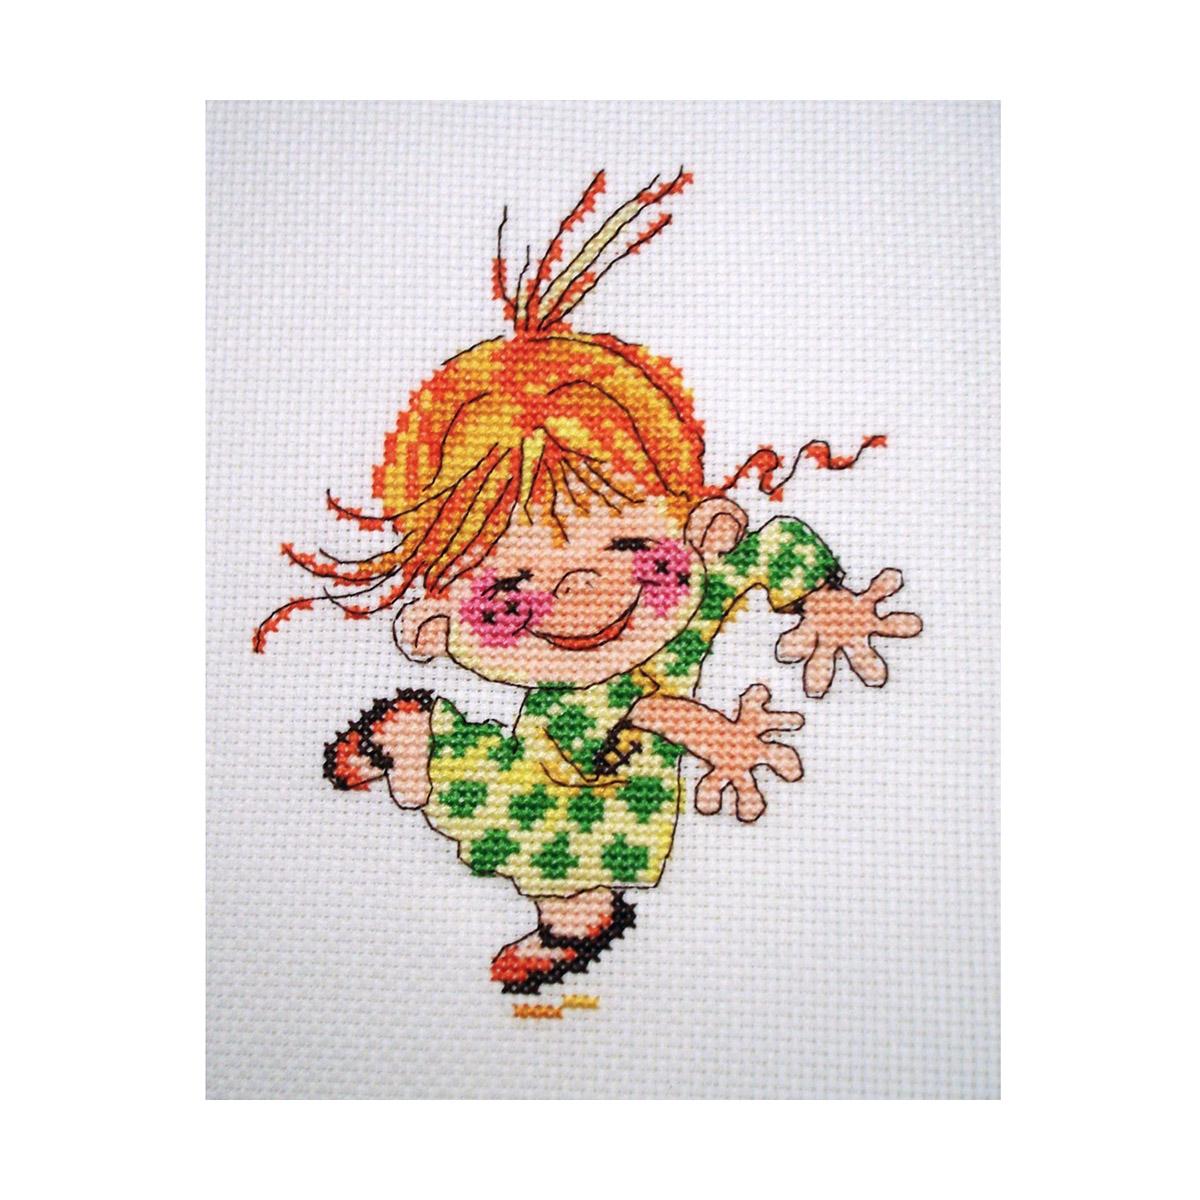 0-15 Набор для вышивания АЛИСА 'Клара' 11*14см